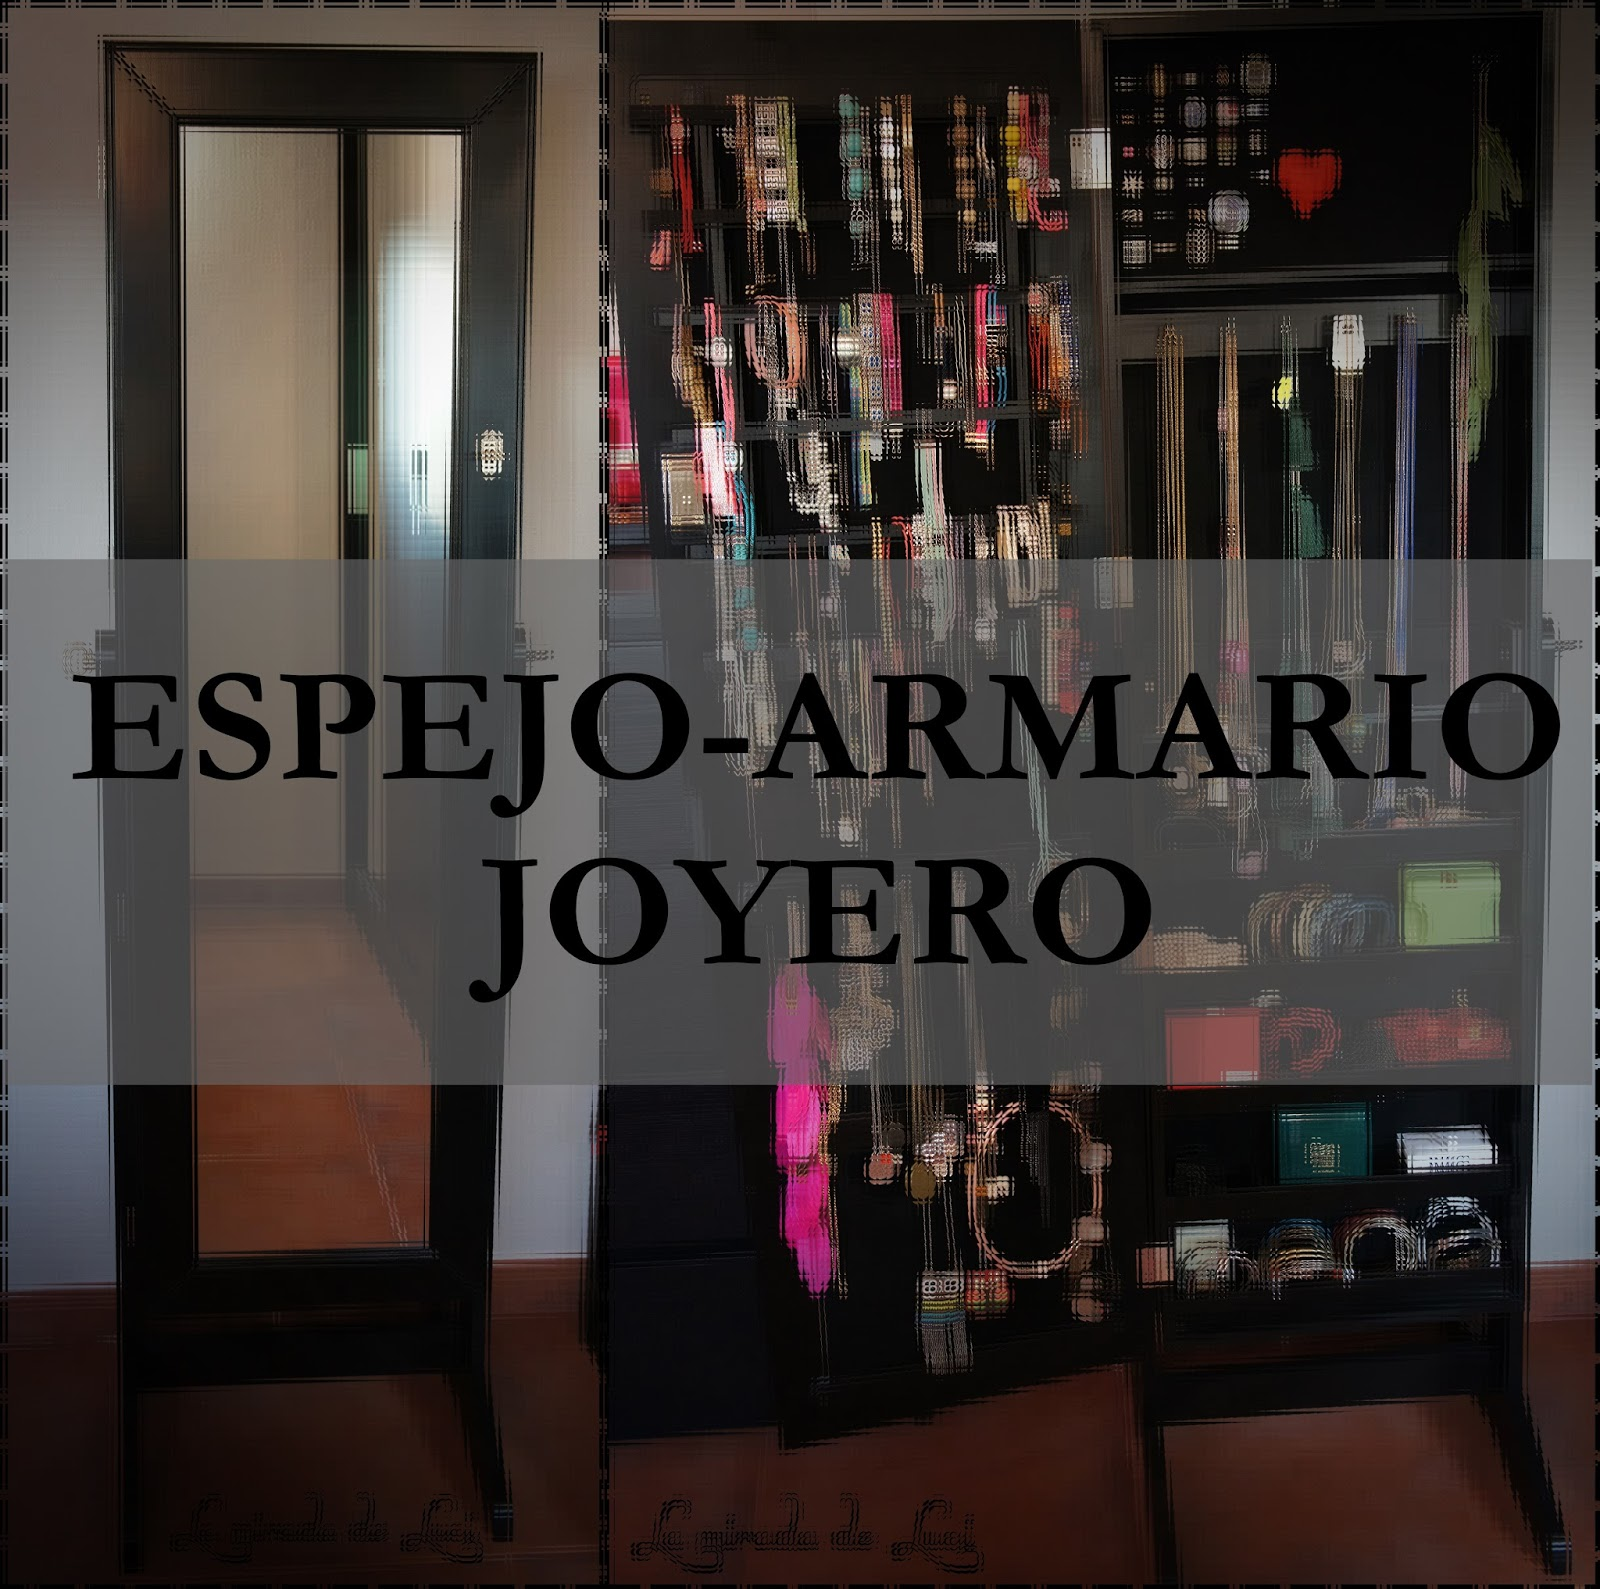 Armario Definicion Etimologica ~ LA MIRADA DE LUCI ESPEJO ARMARIO JOYERO